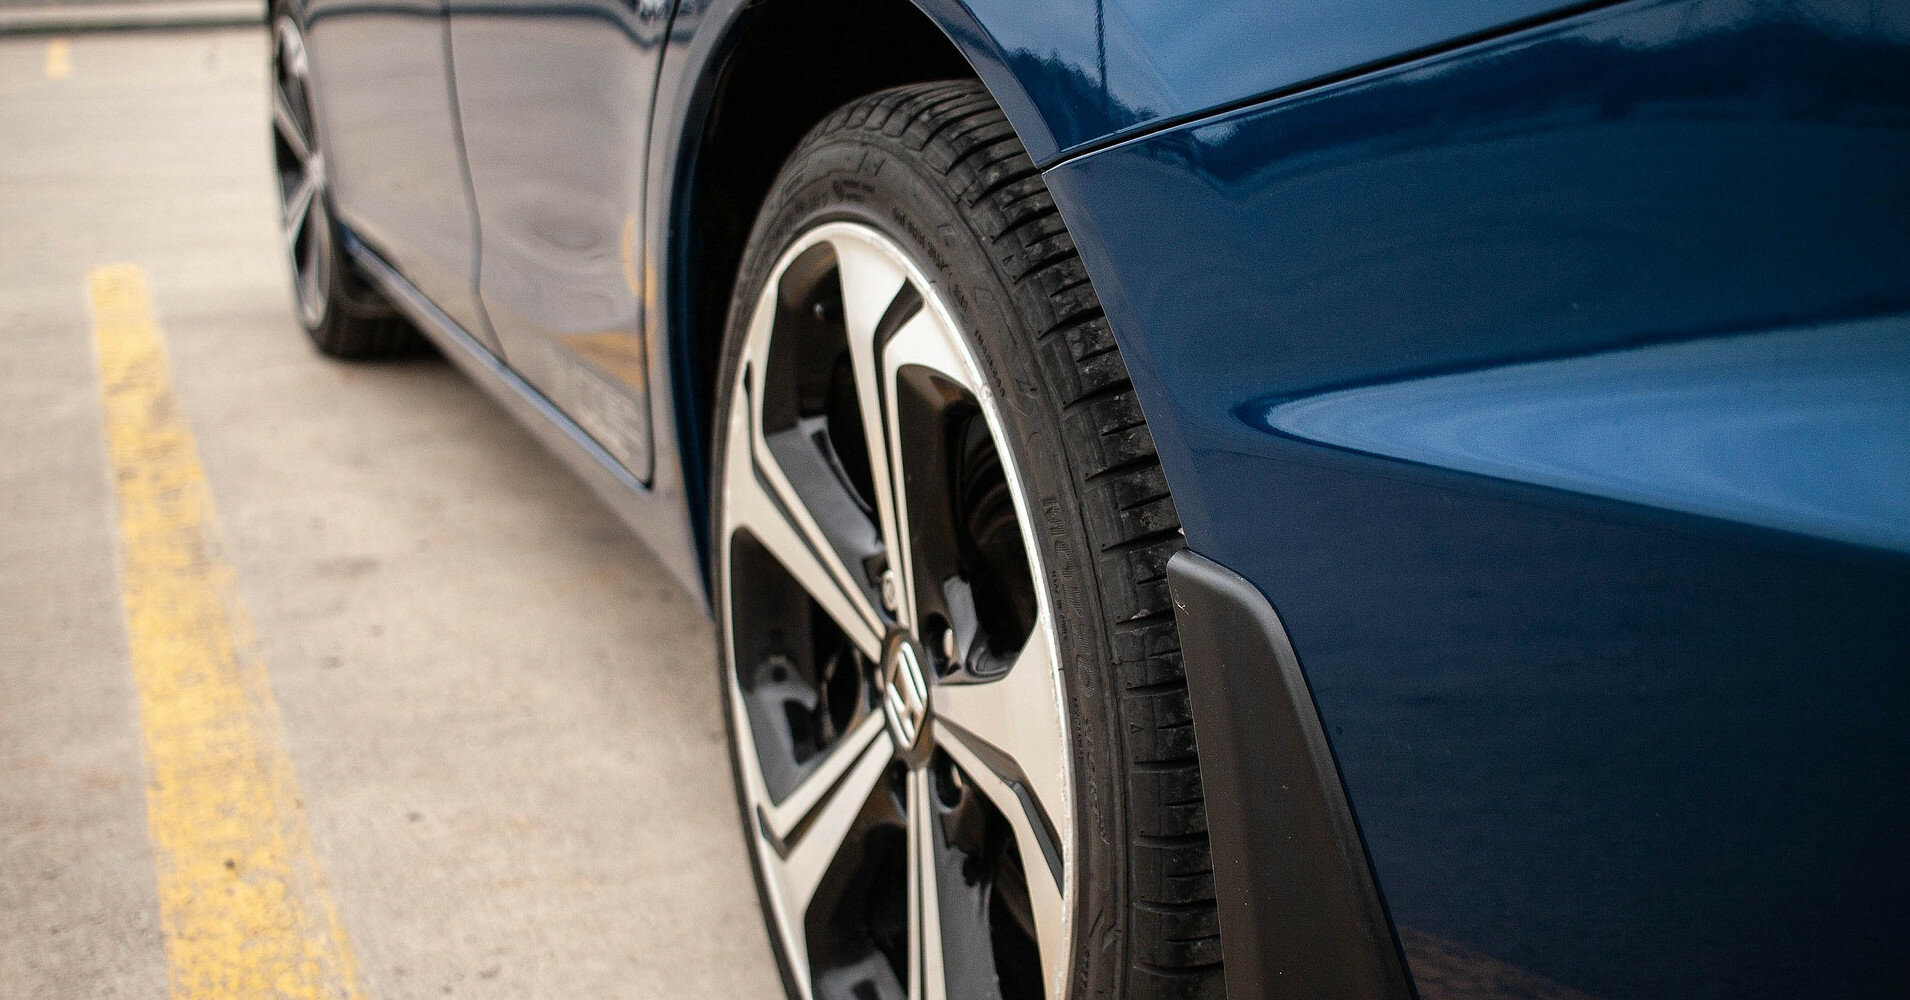 Названы марки авто, водители которых чаще всех превышают скорость